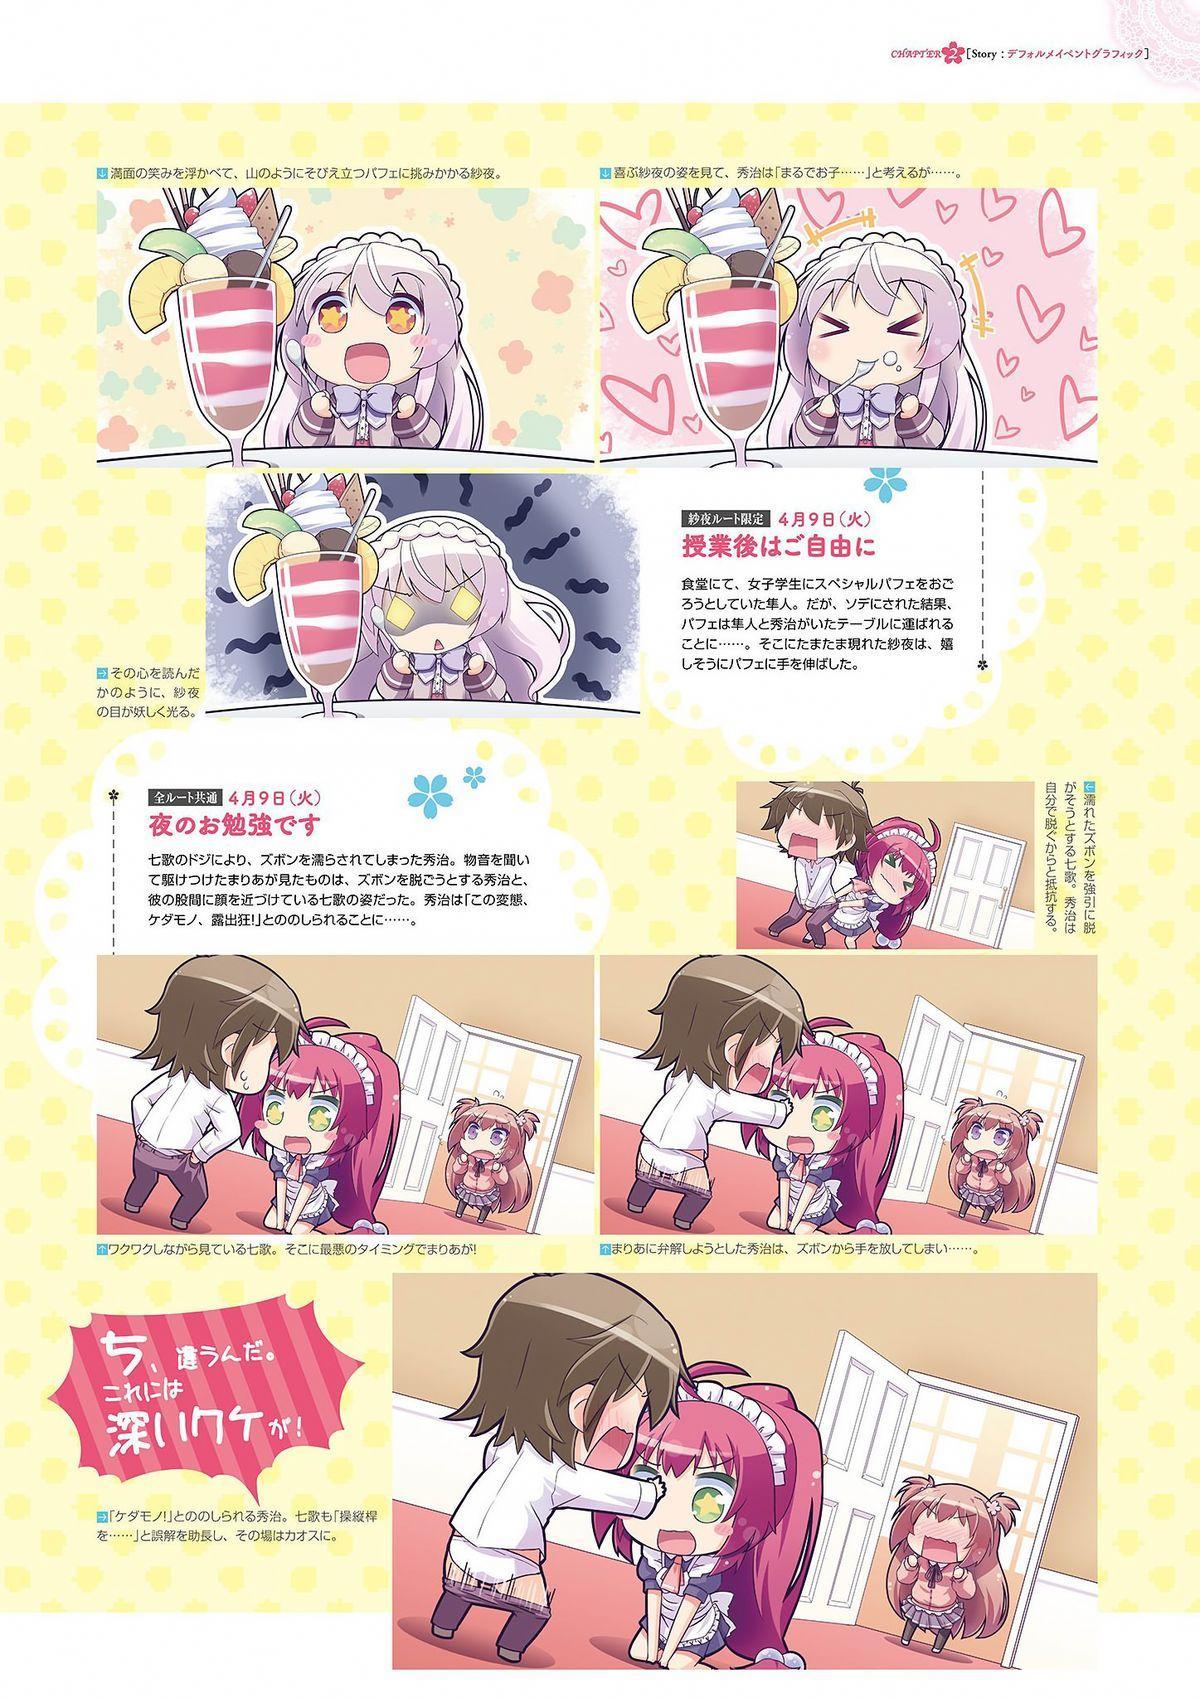 Shukufuku no Kane no Oto wa, Sakura-iro no Kaze to Tomo ni Visual Fanbook 73